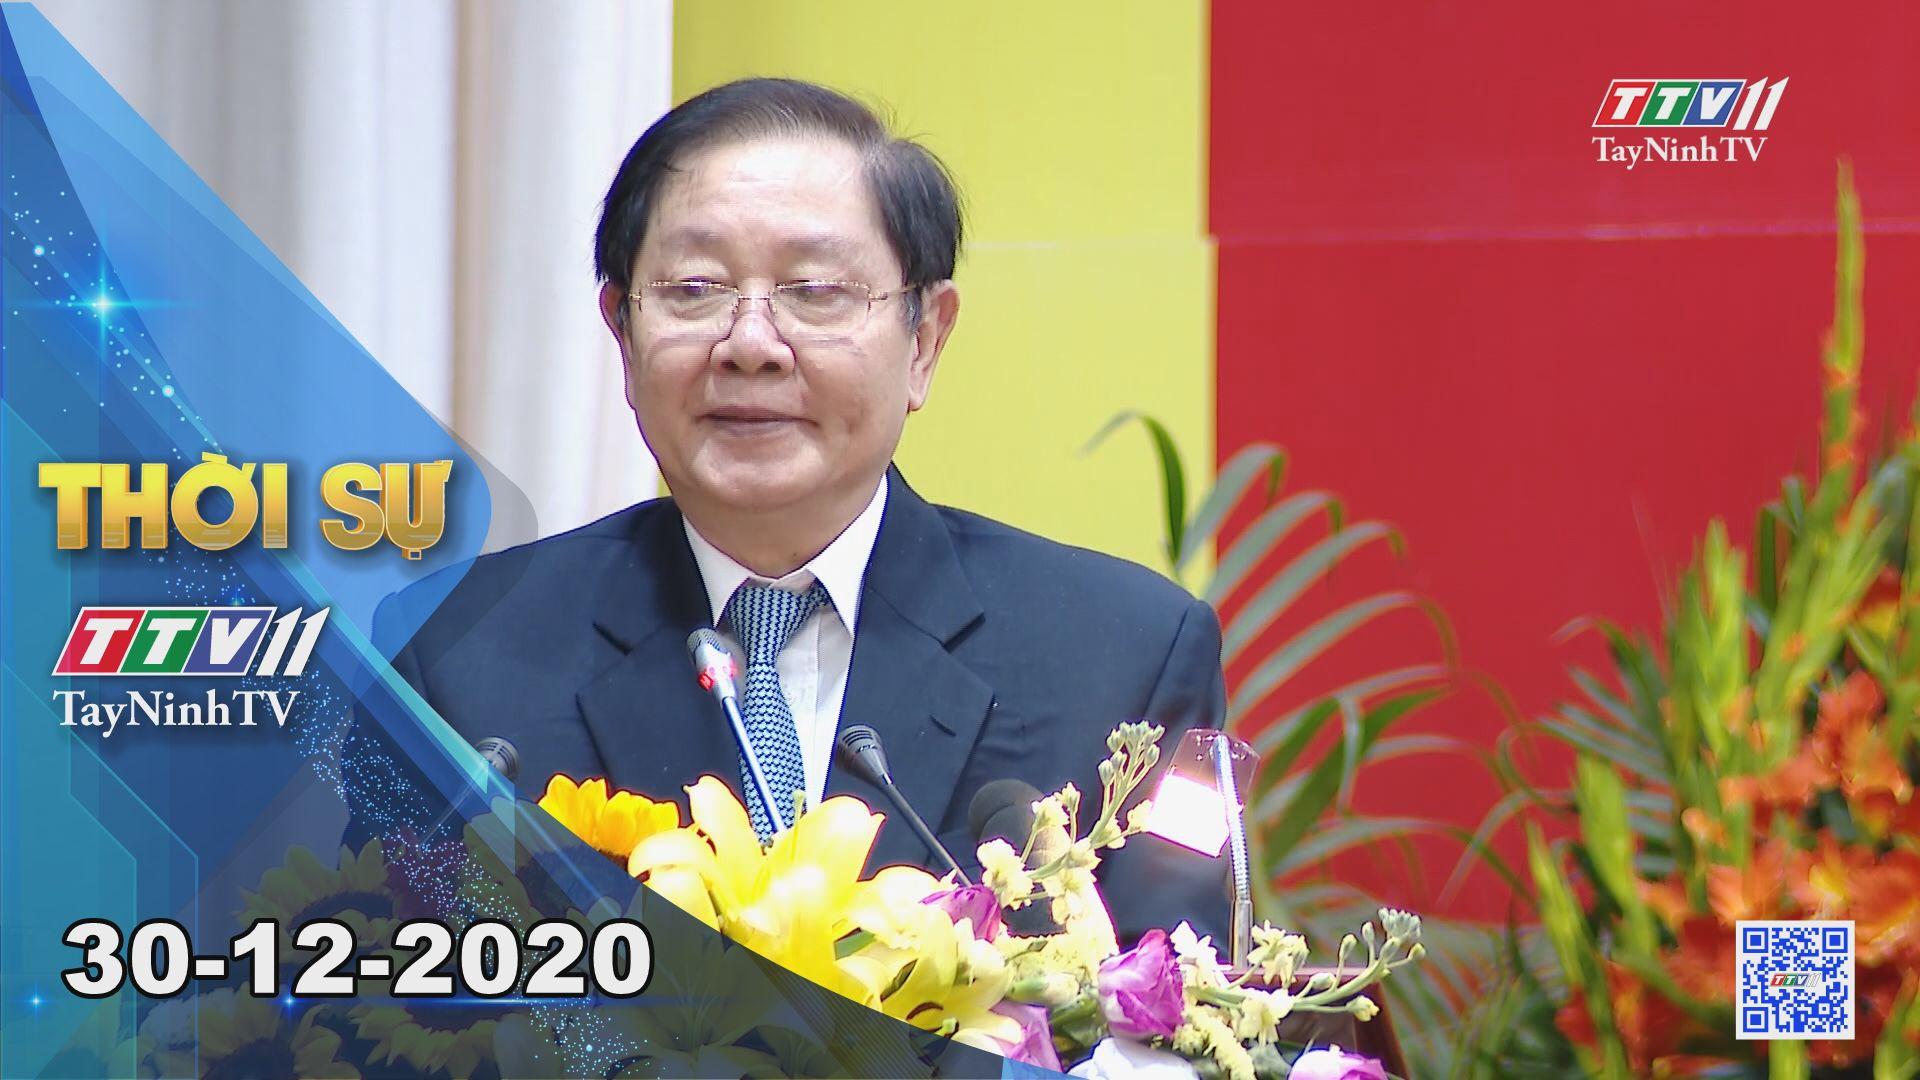 Thời sự Tây Ninh 30-12-2020 | Tin tức hôm nay | TayNinhTV